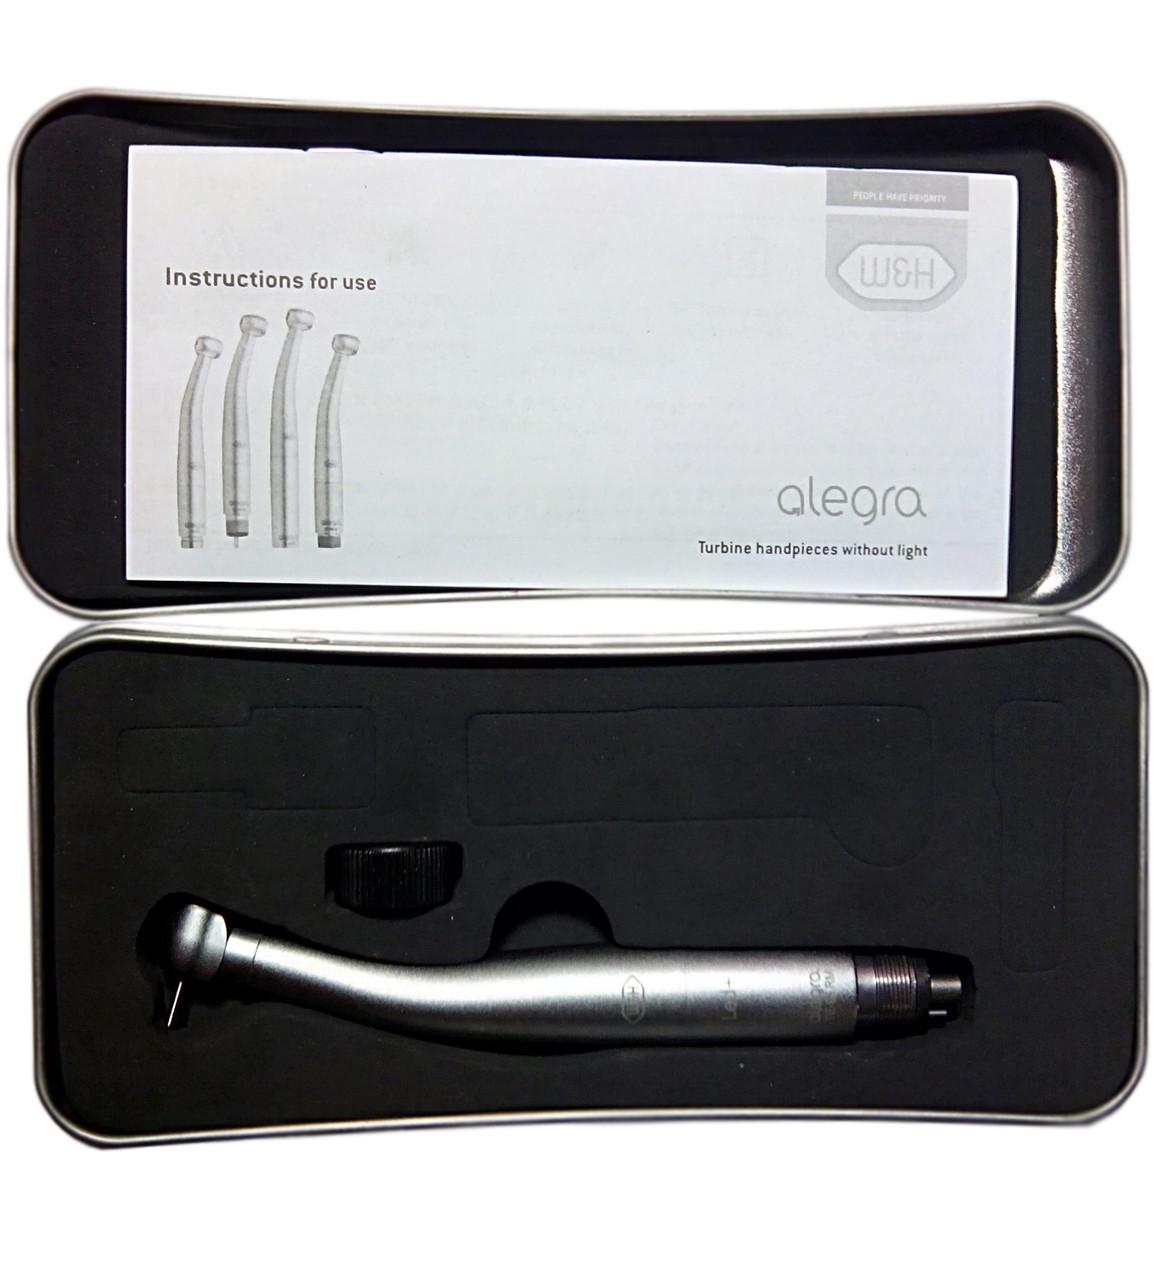 W&H Alegra, турбинный наконечник стоматологический, керамические подшипники, LED подсветка